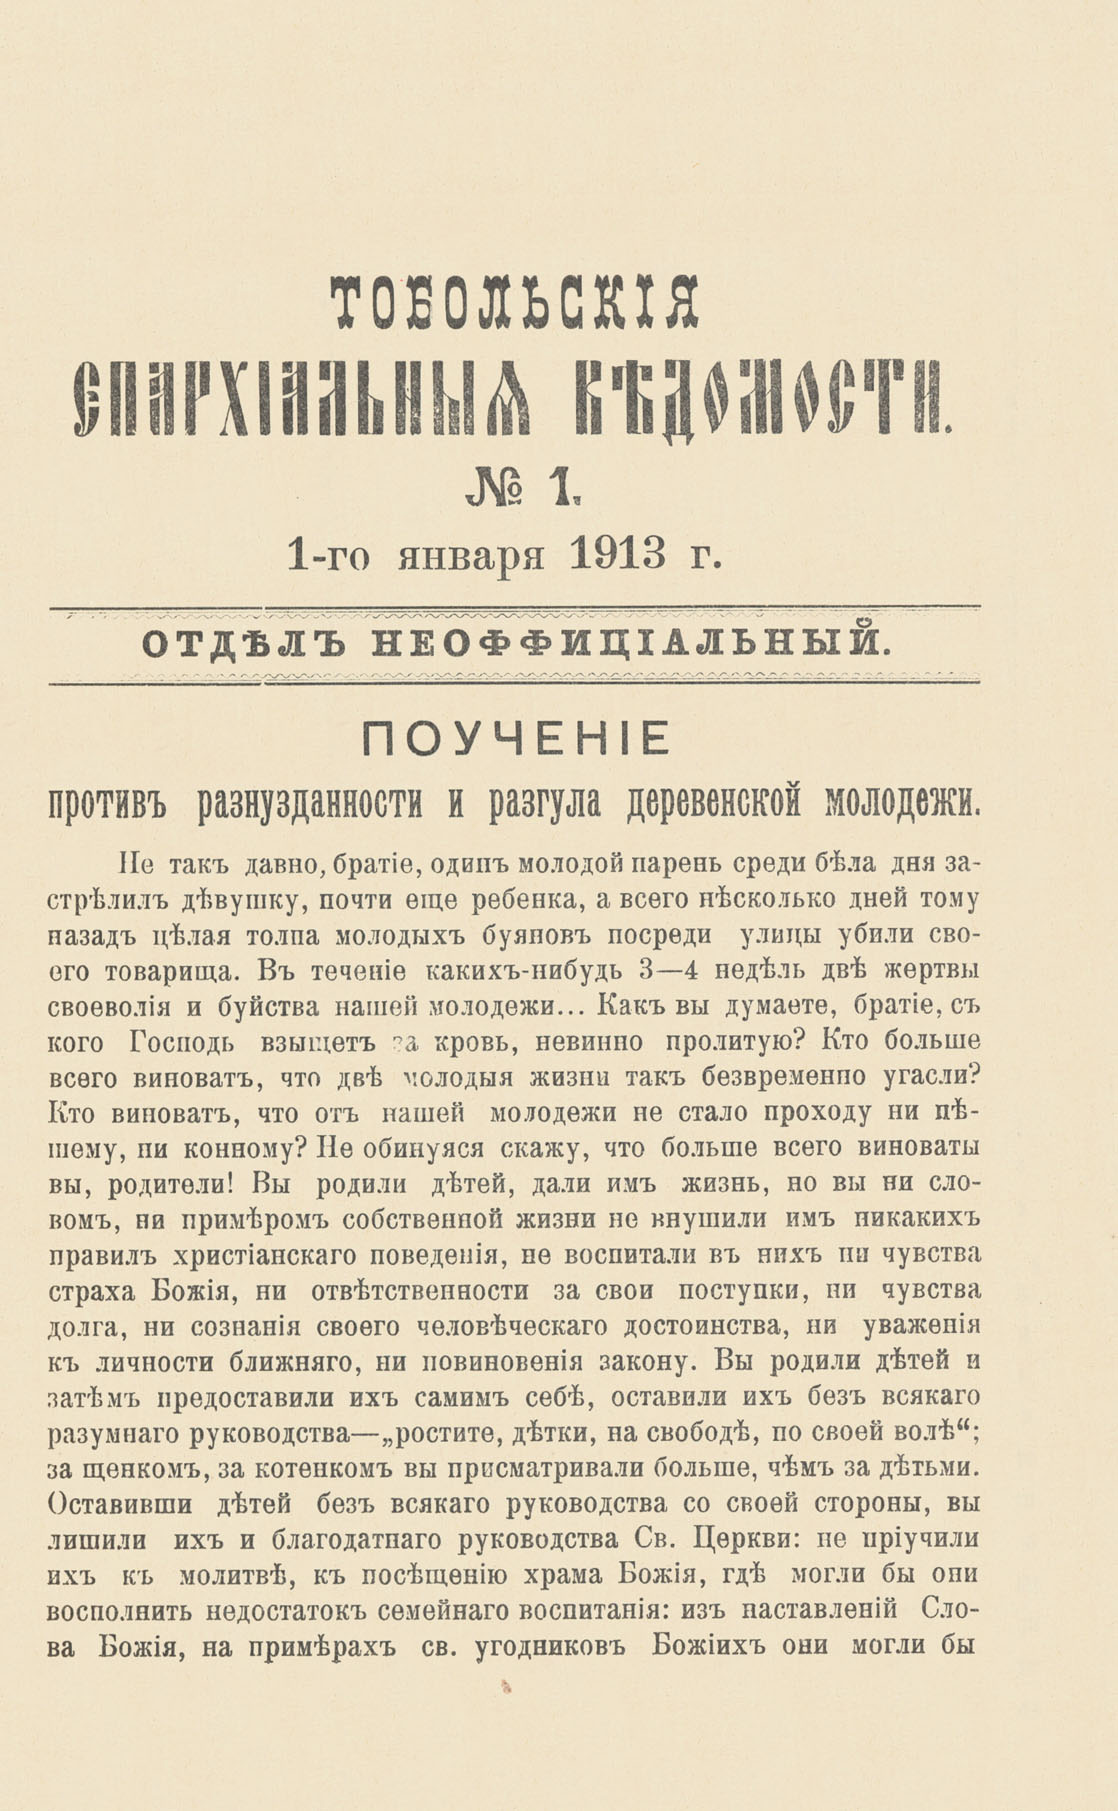 епархиальные ведомости_номер 1мо от вященника тихомирова_659 51